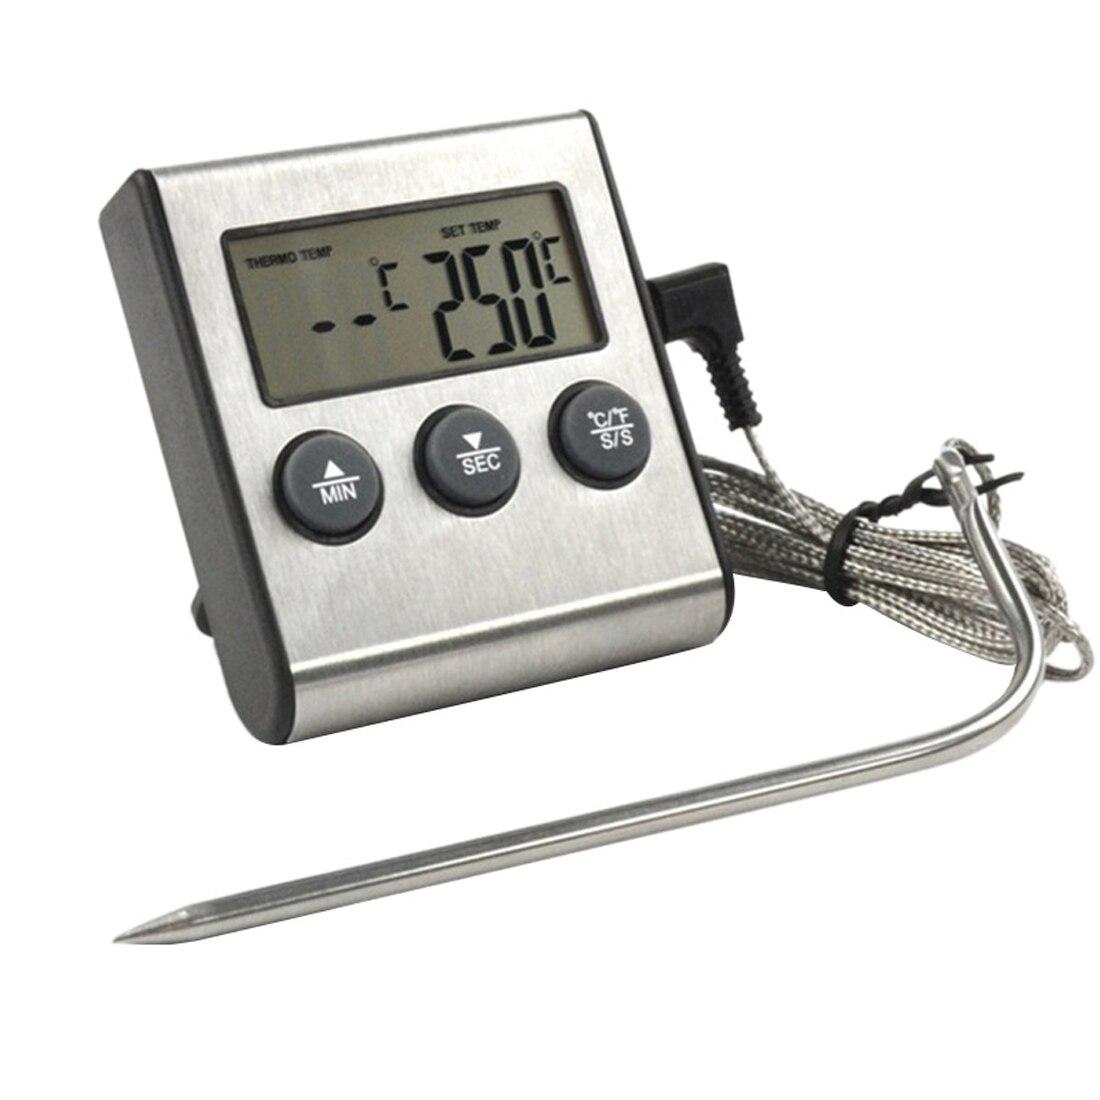 Alta-precisão digital cozinha comida cozinhar forno fumante churrasco grill carne água sonda termômetro sonda termometro digital